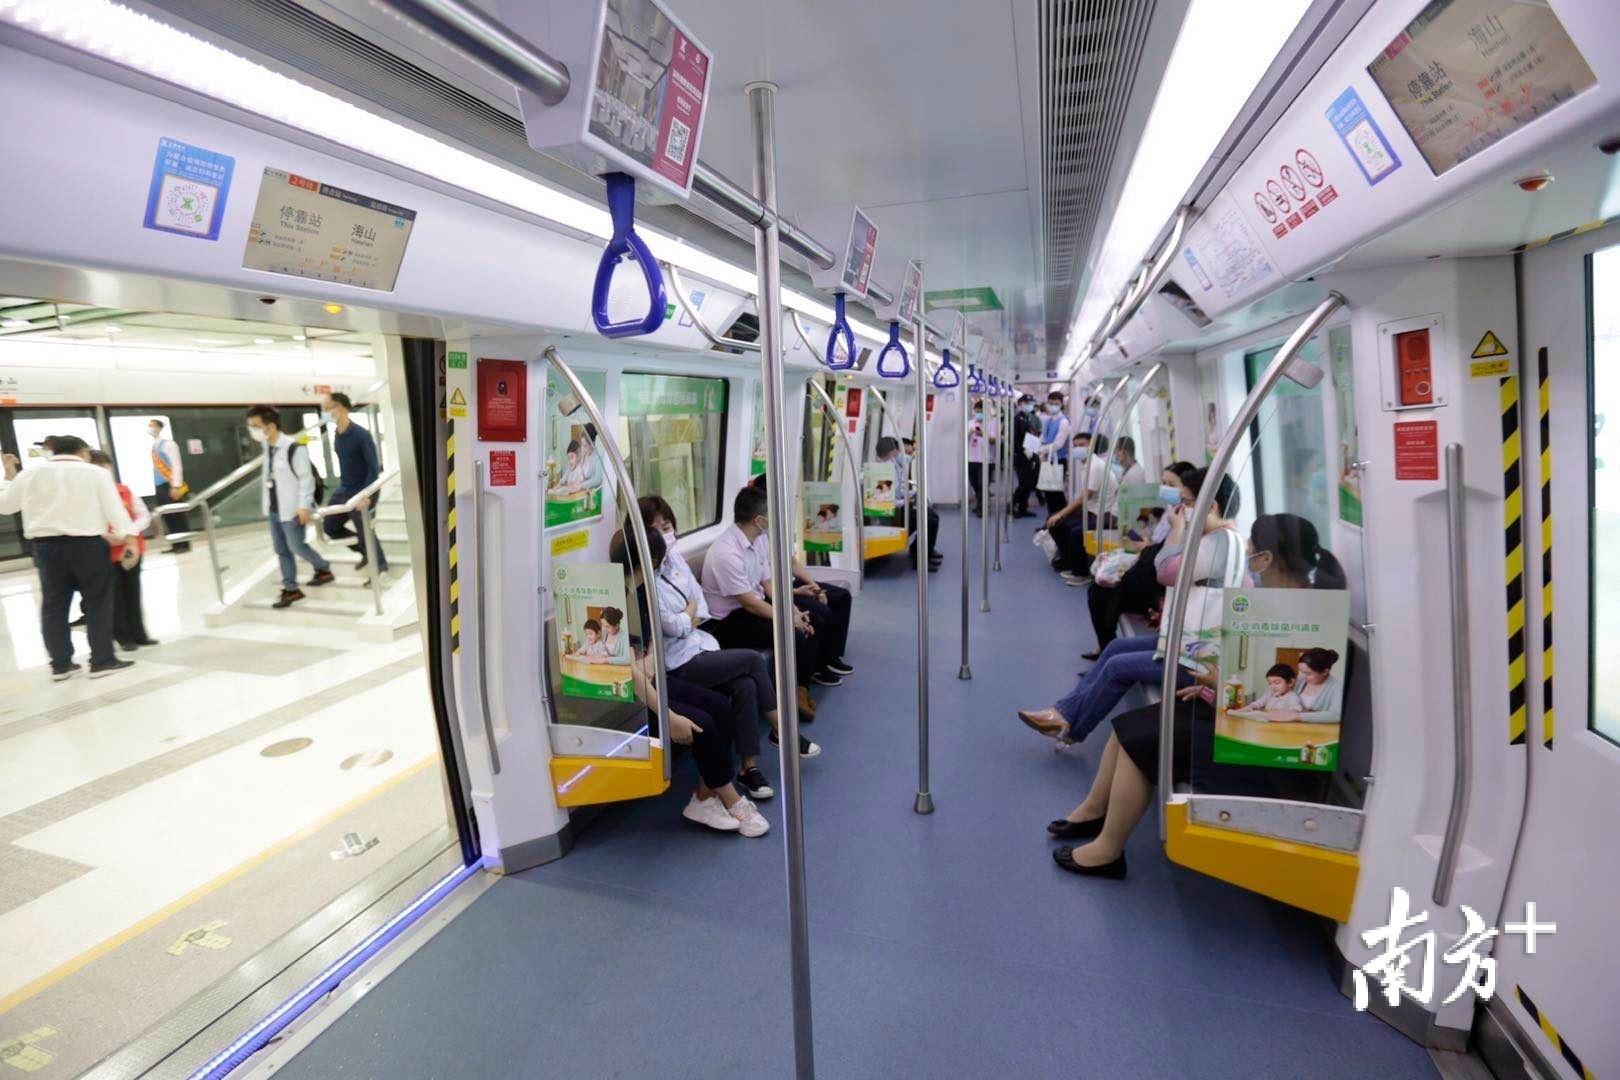 深圳地铁里程突破411公里